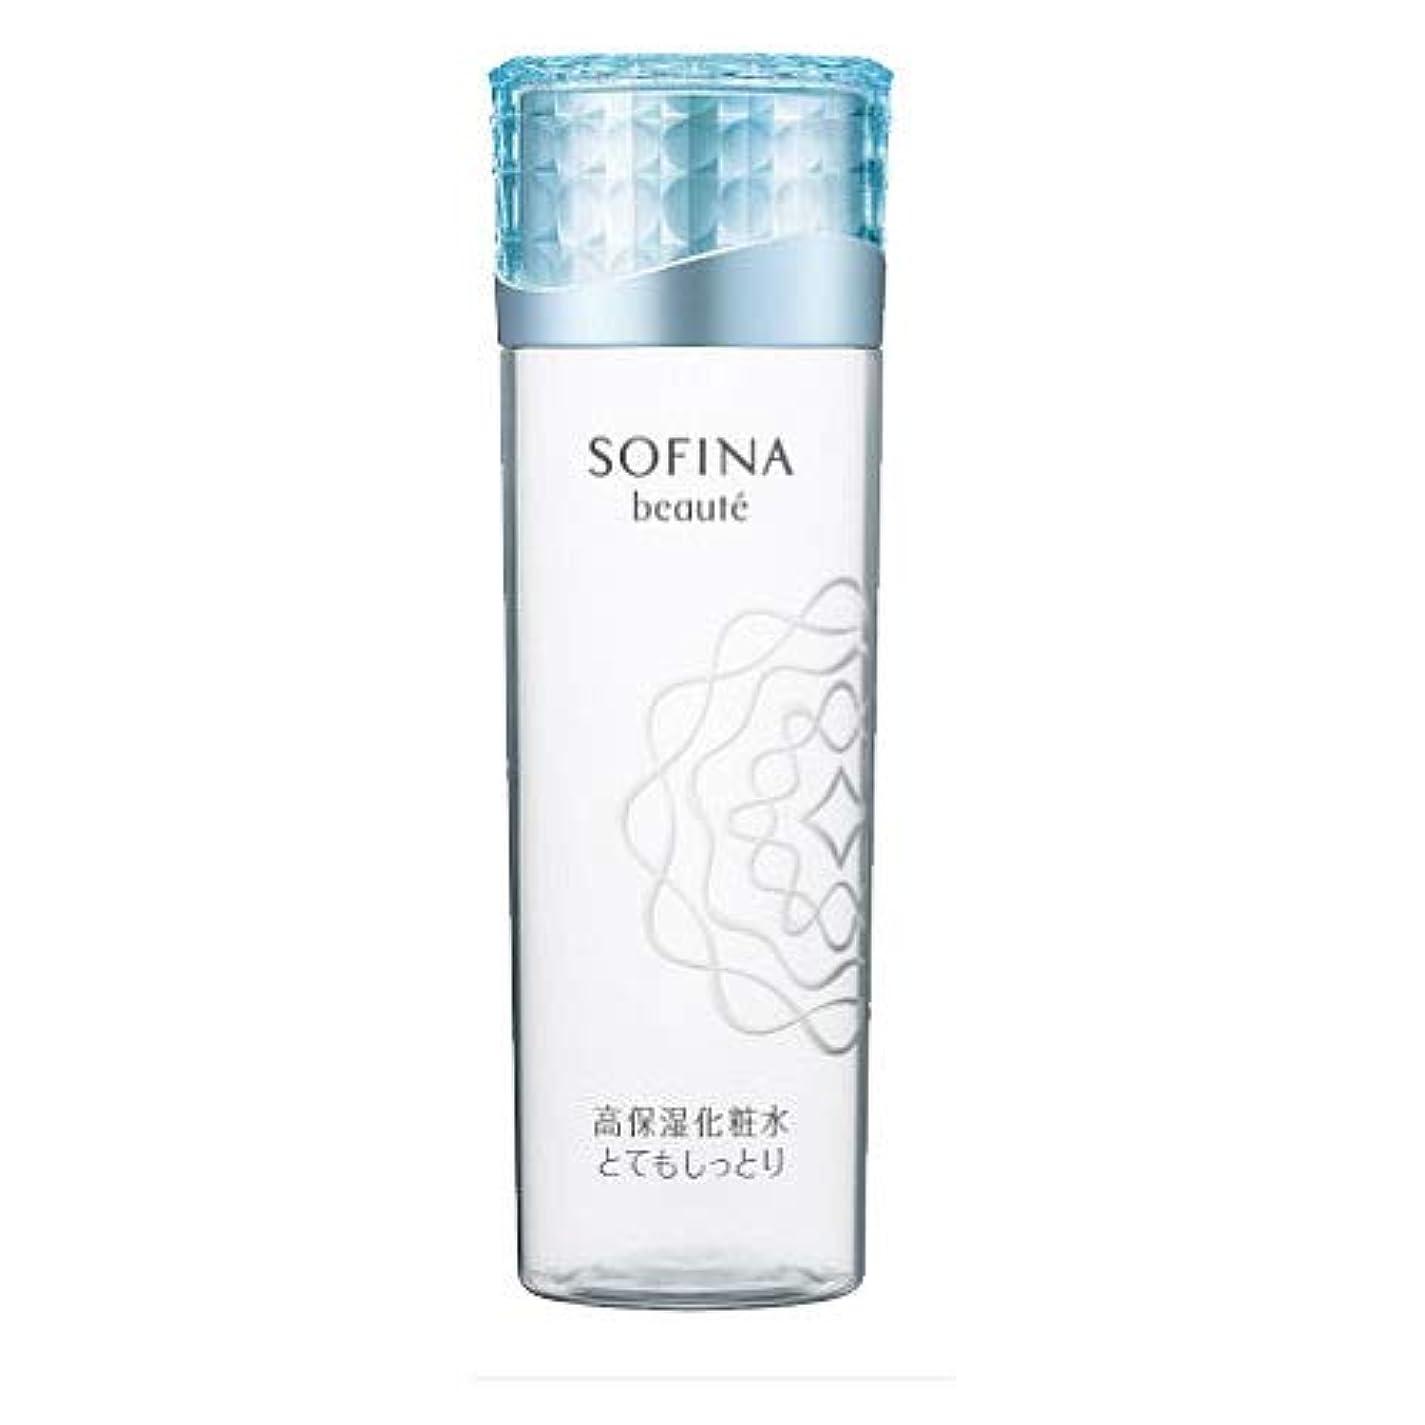 退屈僕の気づくなる花王 ソフィーナ ボーテ 高保湿化粧水 とてもしっとり 140ml [並行輸入品]